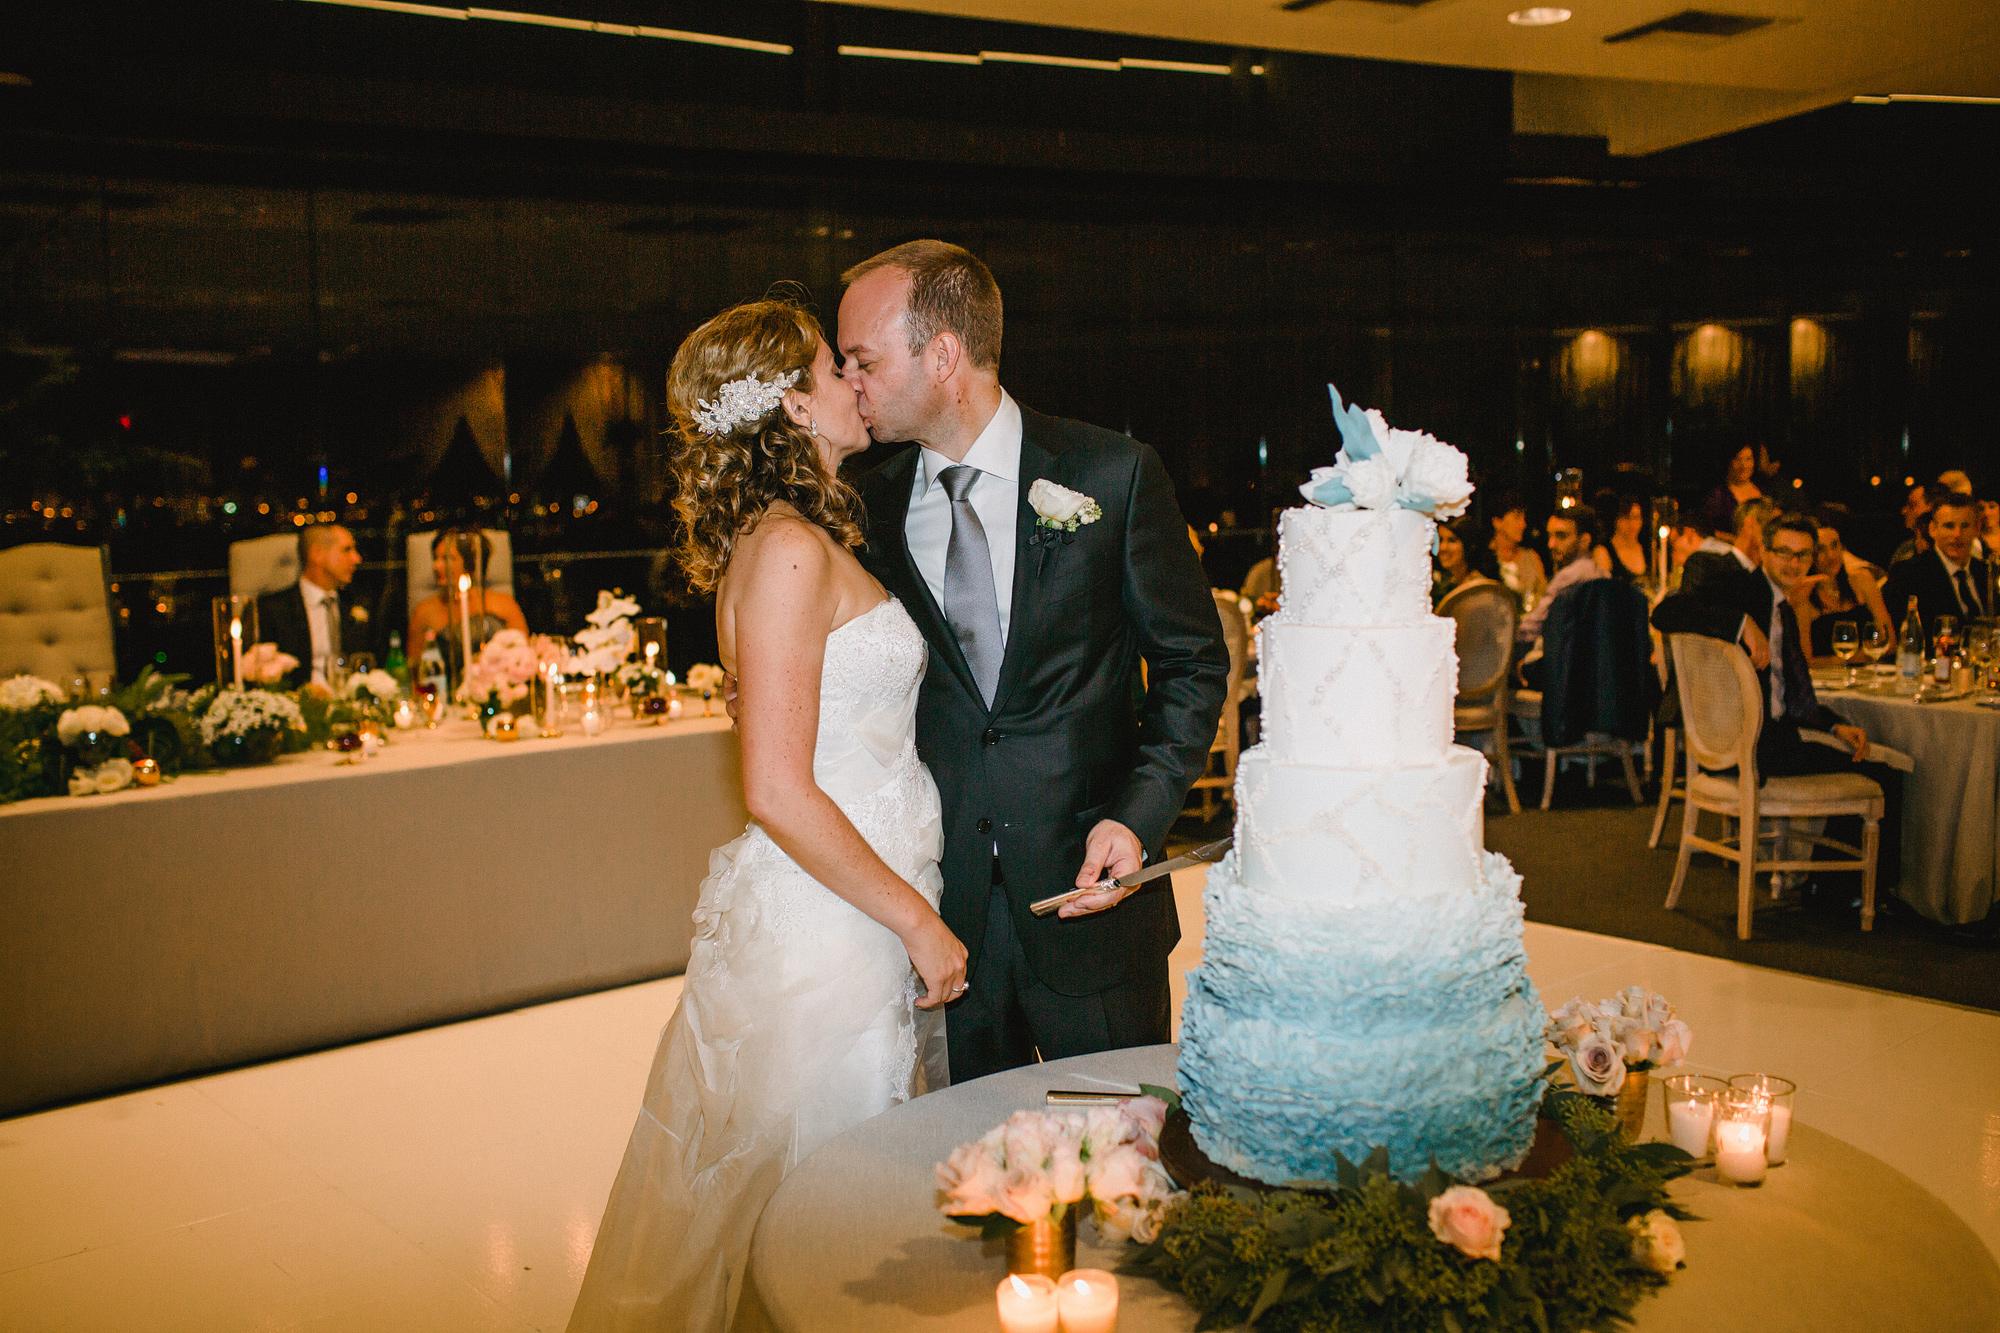 Ceci_New_York_Custom_Invitation_Australia_Perth_Destination_Wedding_Luxury_Personalized_Ceci_Style_Bride_72.jpg